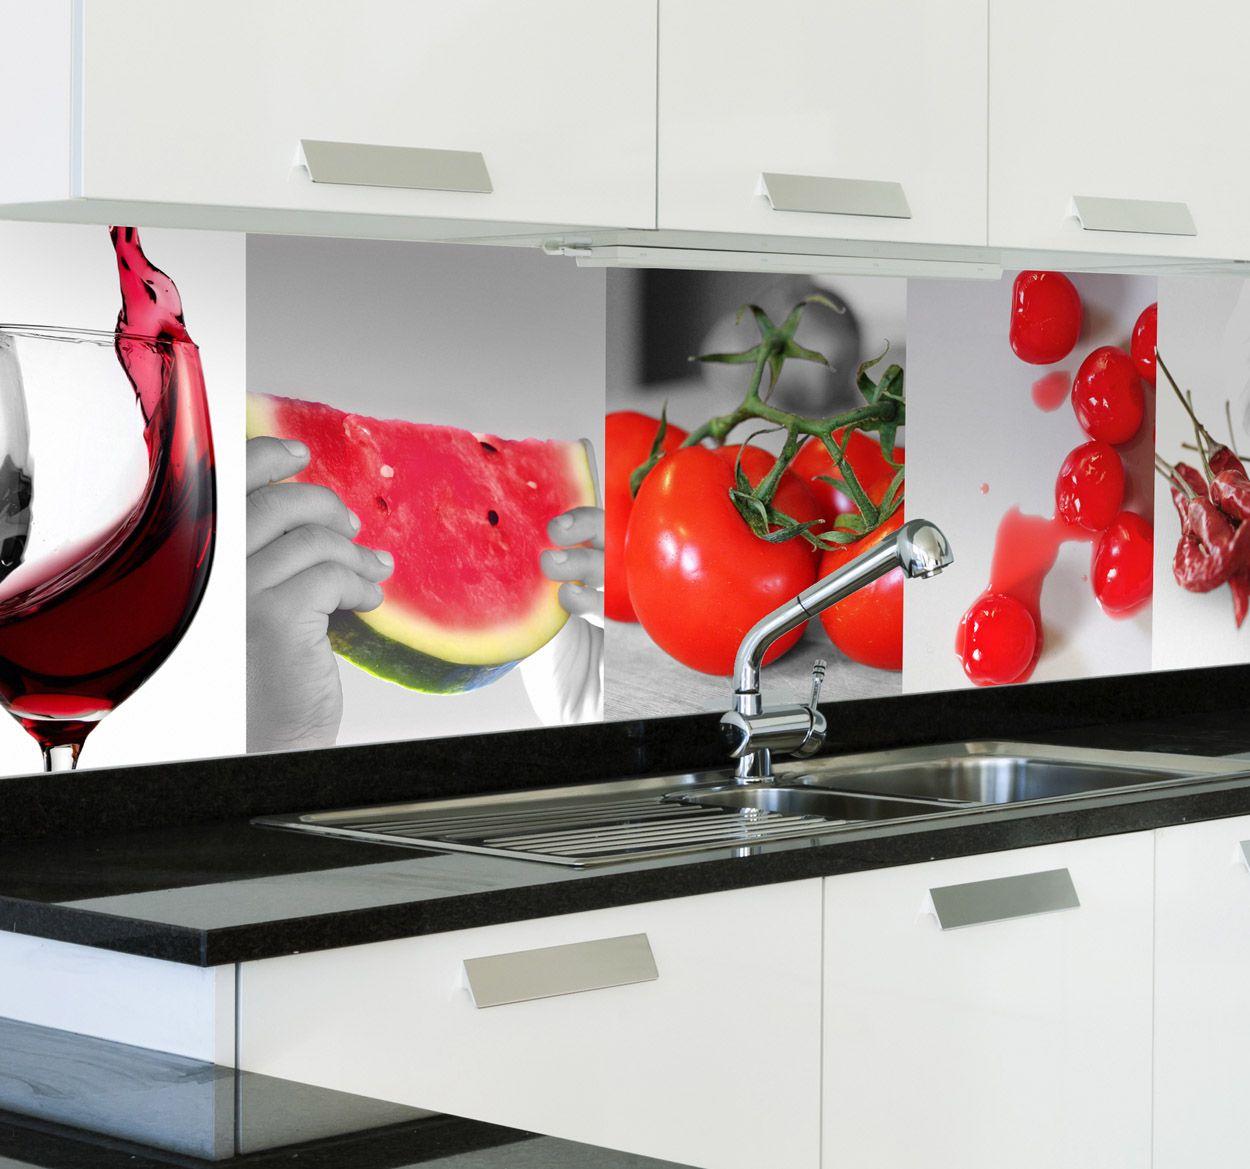 Vinilo decorativo alimentos rojos proyectos que intentar pinterest alimentos rojo y cocinas - Cocinas con vinilo ...